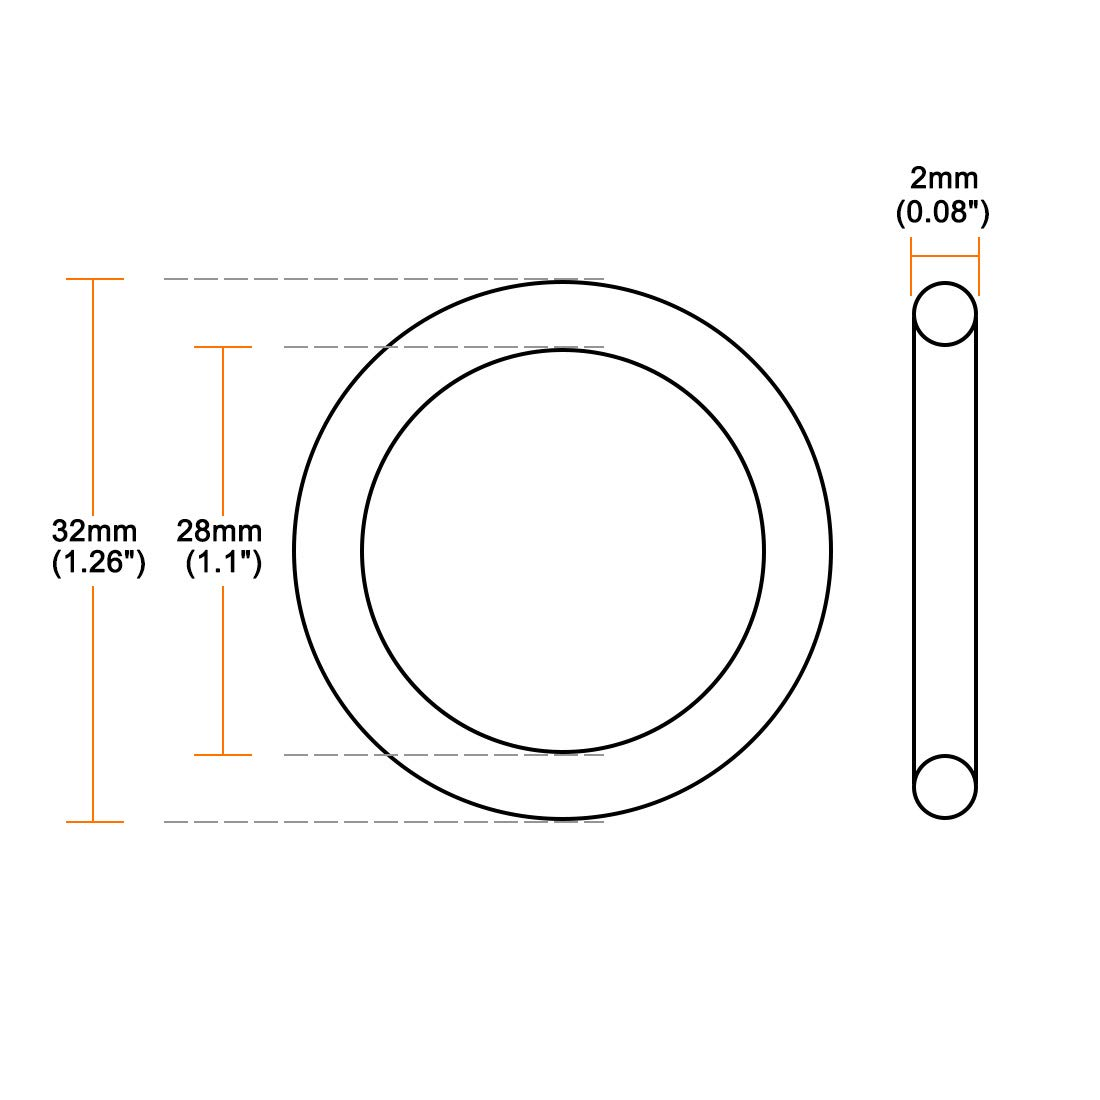 2 mm Breite 10 St/ück 32 mm Au/ßendurchmesser runde Dichtung Sourcingmap O-Ringe aus Nitrilkautschuk 28 mm Innendurchmesser